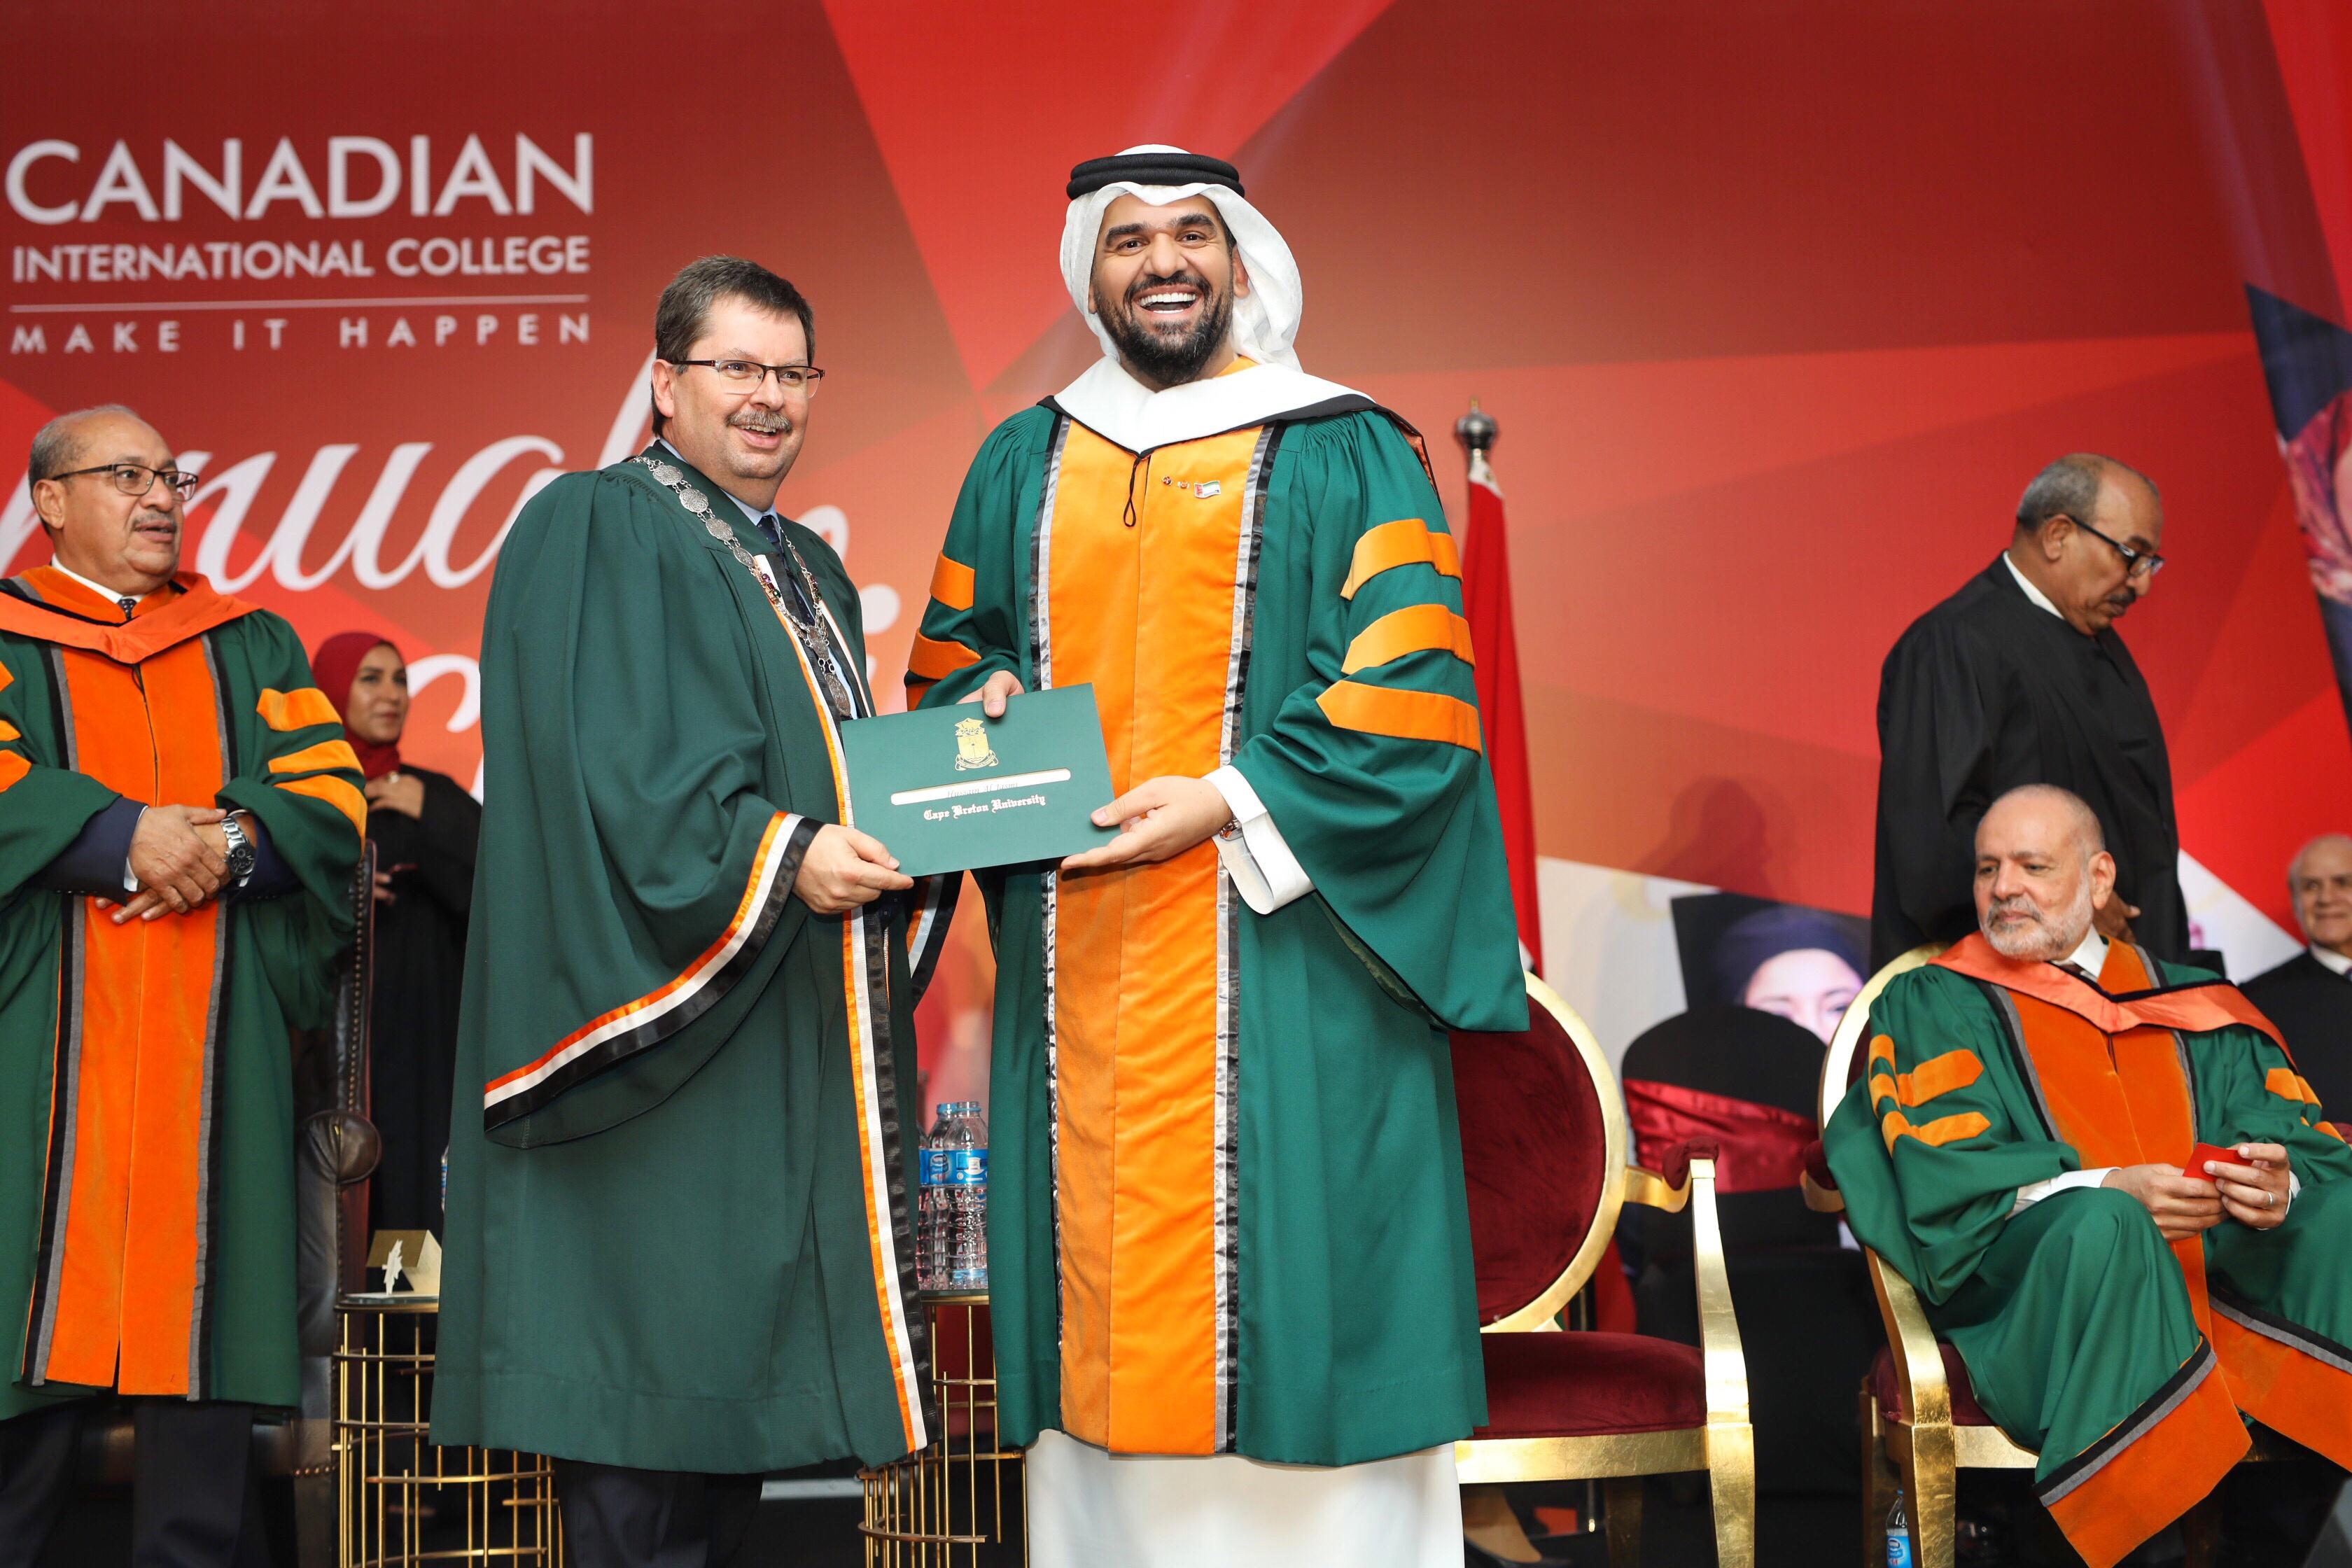 صورة الكلية الكندية تكرم حسين الجسمي وتمنحه الدكتوراه الفخرية